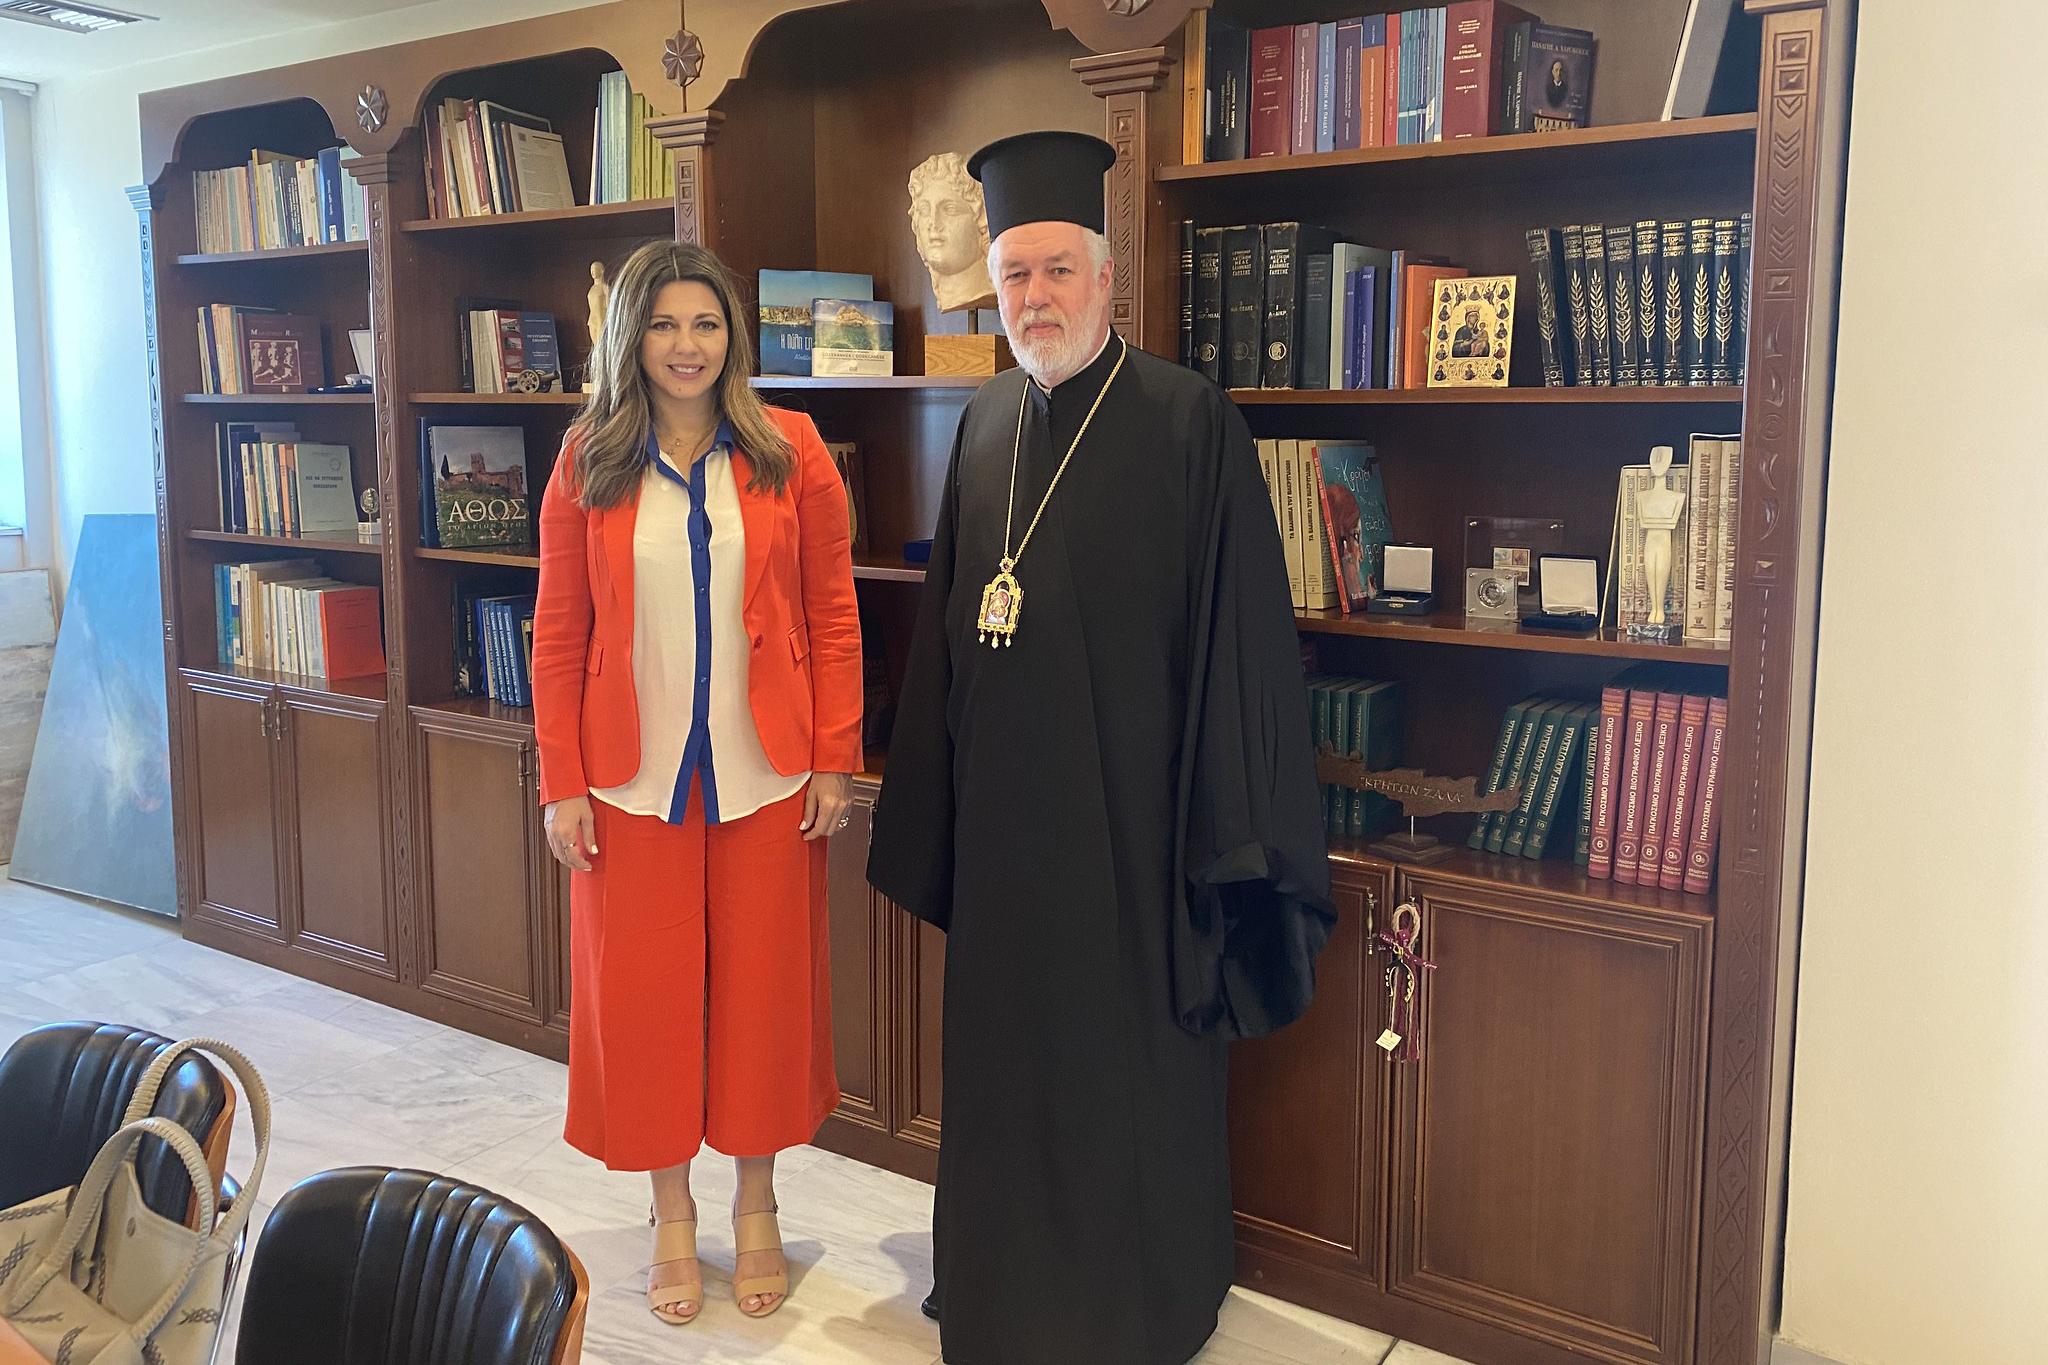 Ο Μητροπολίτης Βελγίου Αθηναγόρας με την Υφυπουργό Παιδείας, Σοφία Ζαχαράκη